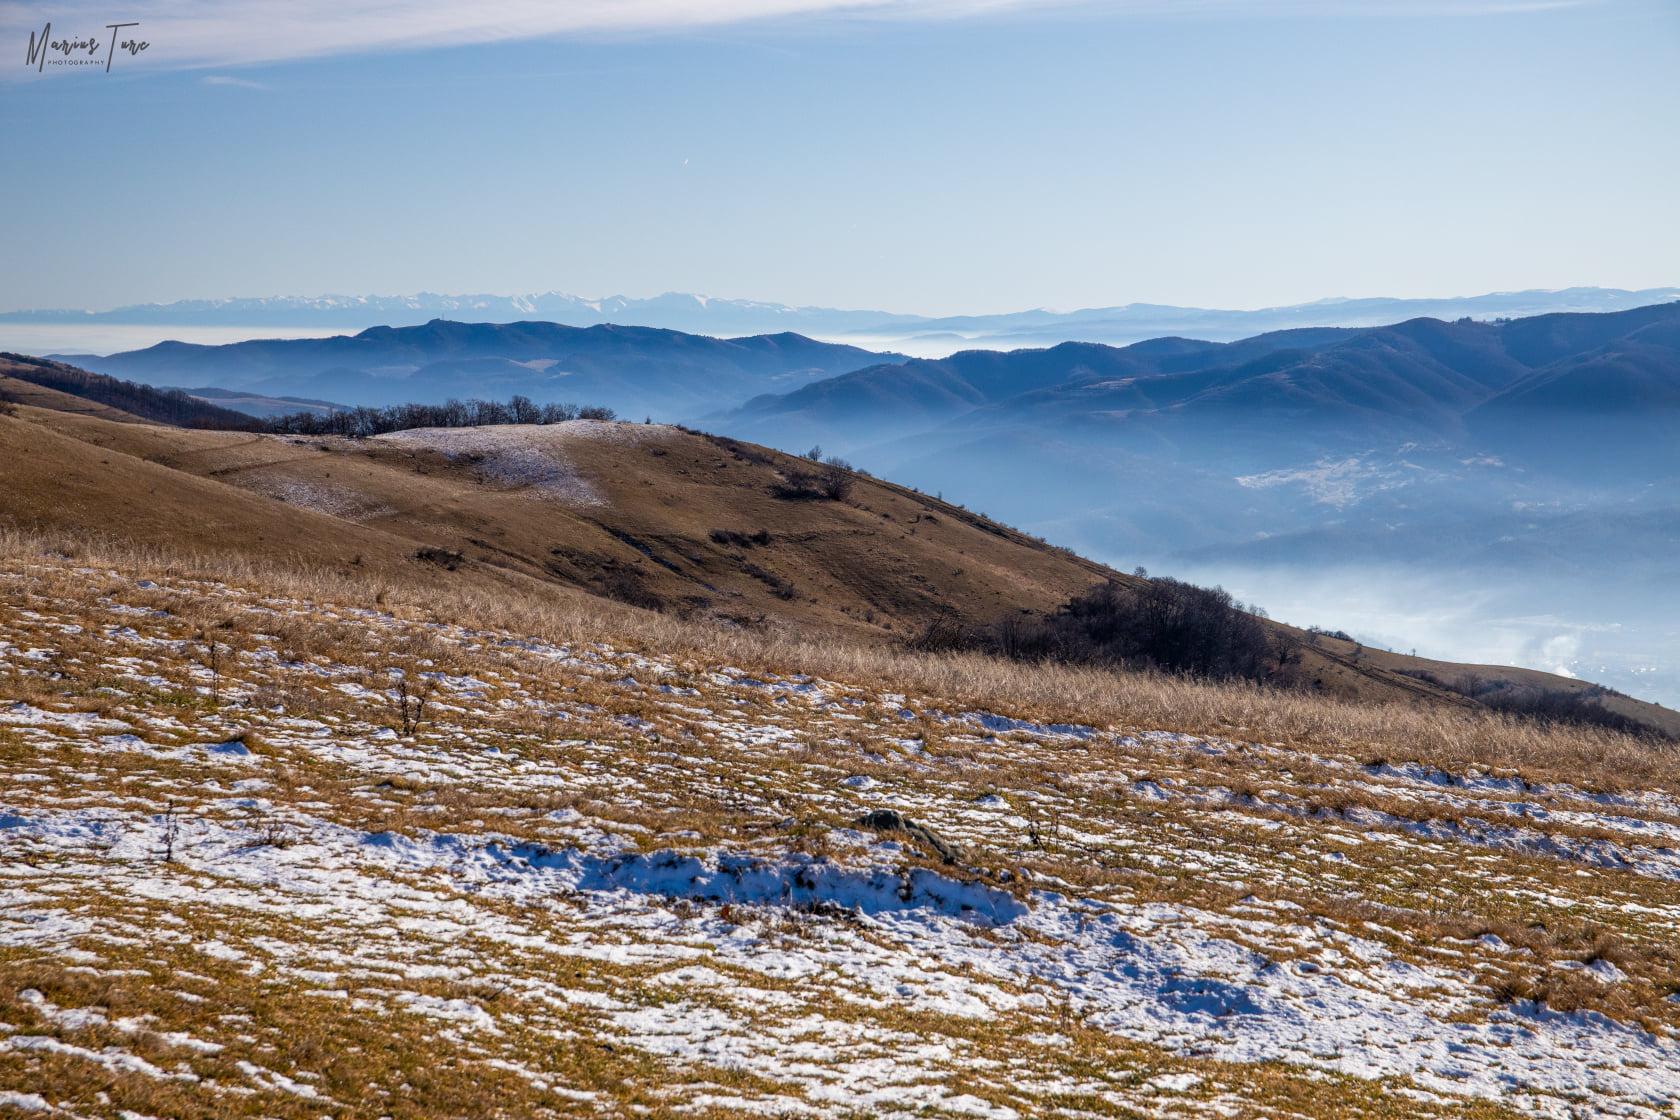 spre Refugiul Saruni, cu creasta muntilor Fagaras in fundal - Marius Turc